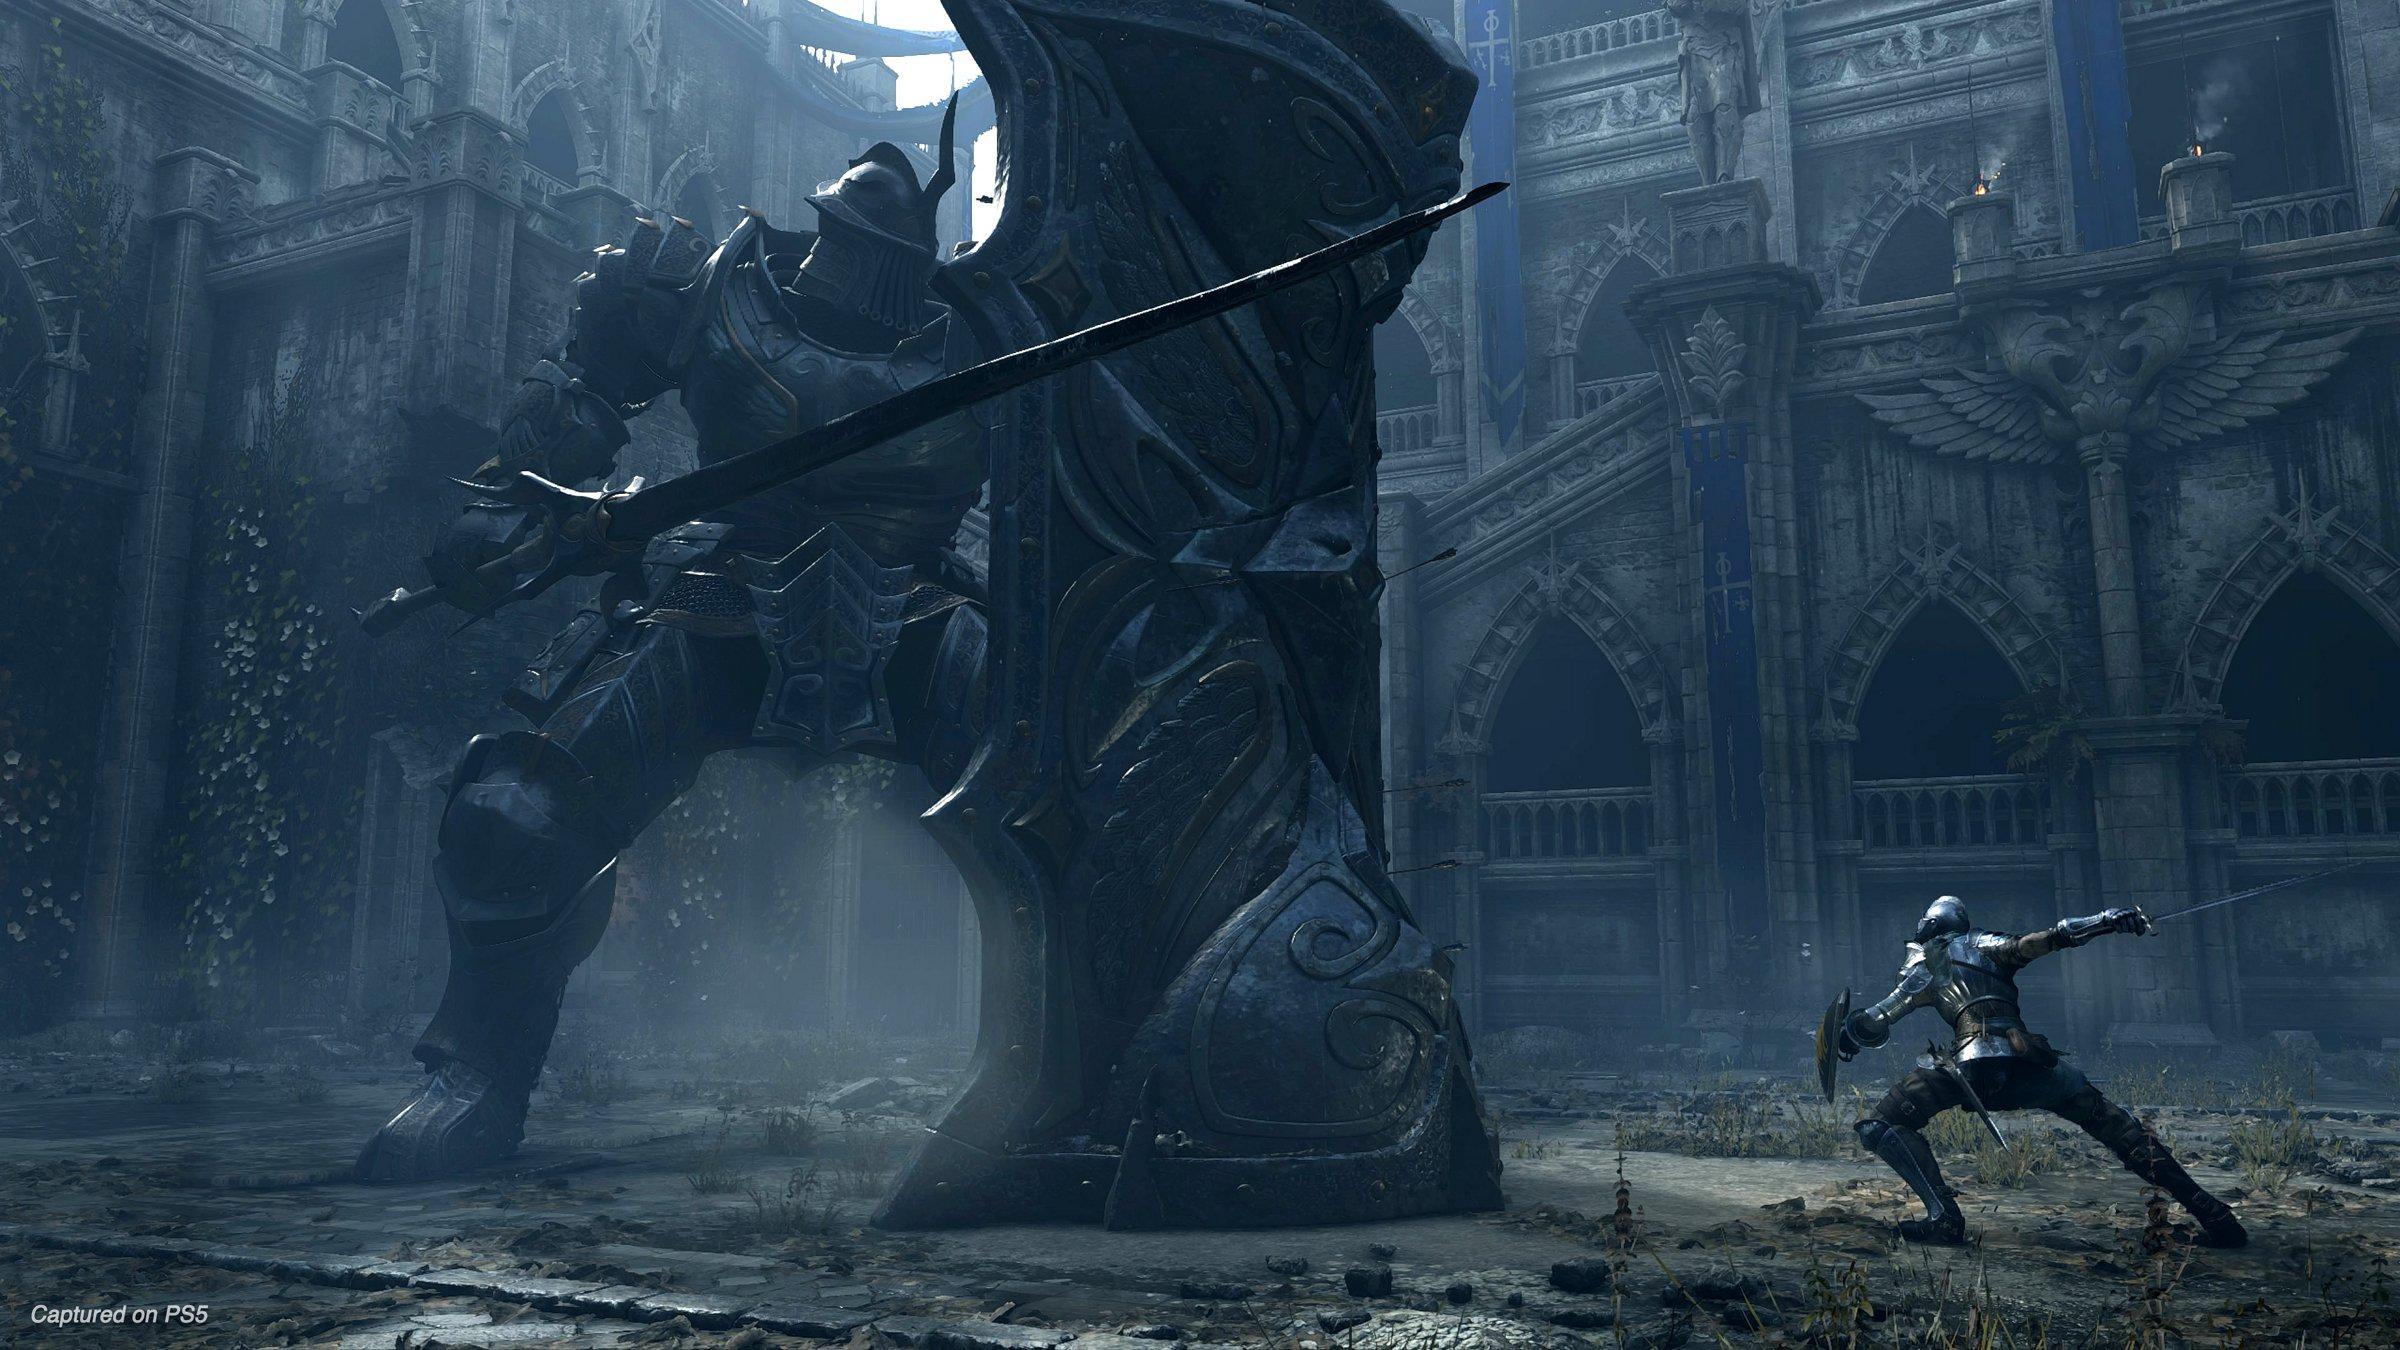 Die Spielzeit von Demon's Souls ist von dem Engagement mit den Game-Inhalten abhängig.